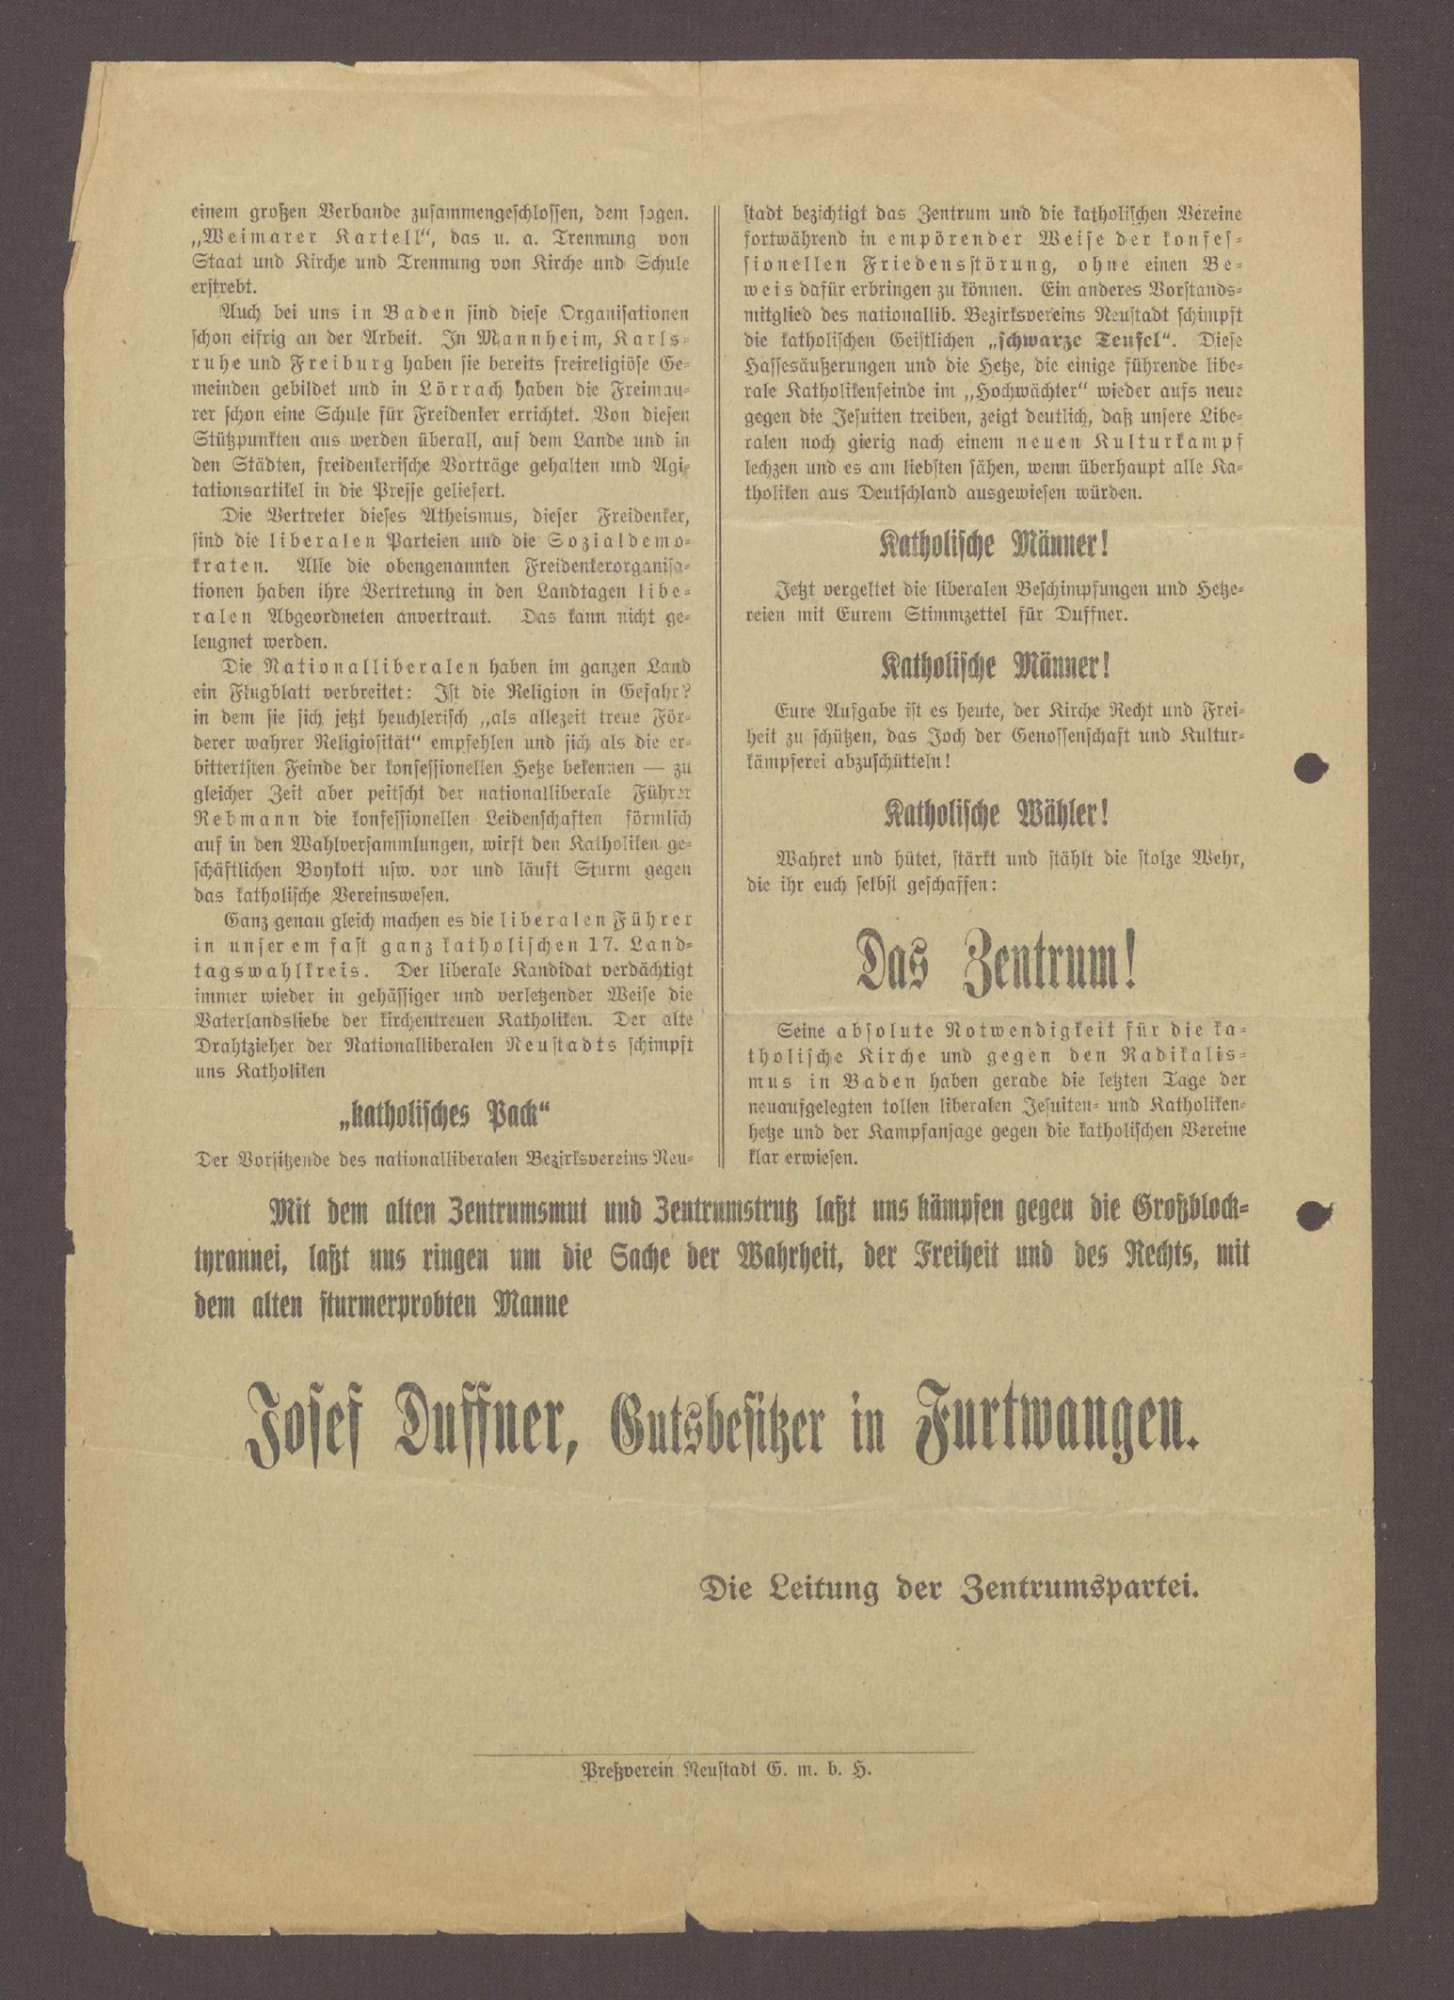 """Flugblatt: """"An das katholische Volk! An die wahlberechtigten katholischen Männer... Josef Duffner, Gutsbesitzer in Furtwangen"""", Preßverein Neustadt, Titisee-Neustadt, Bild 2"""